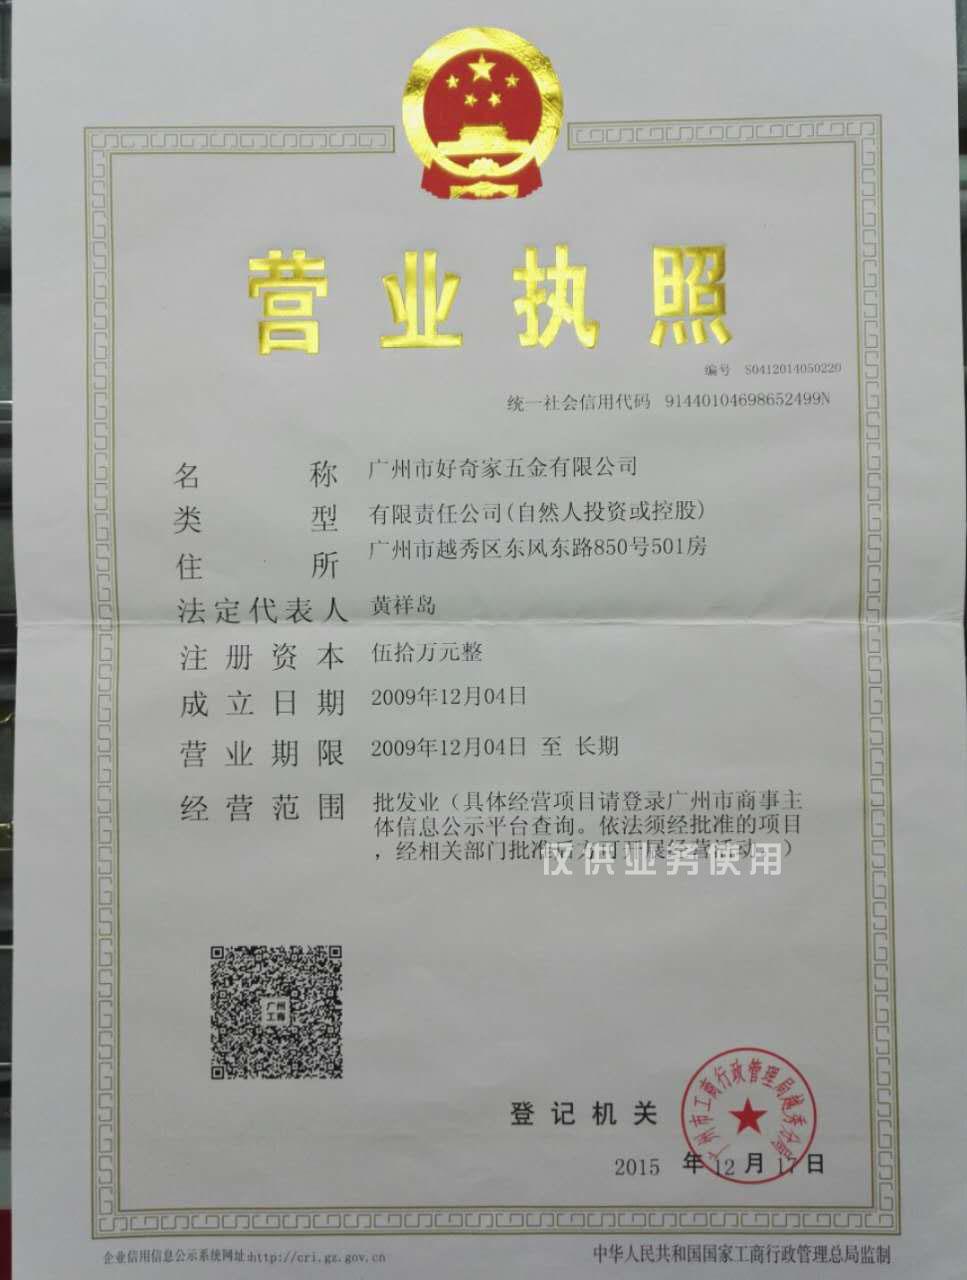 广州市好奇家五金有限公司企业档案